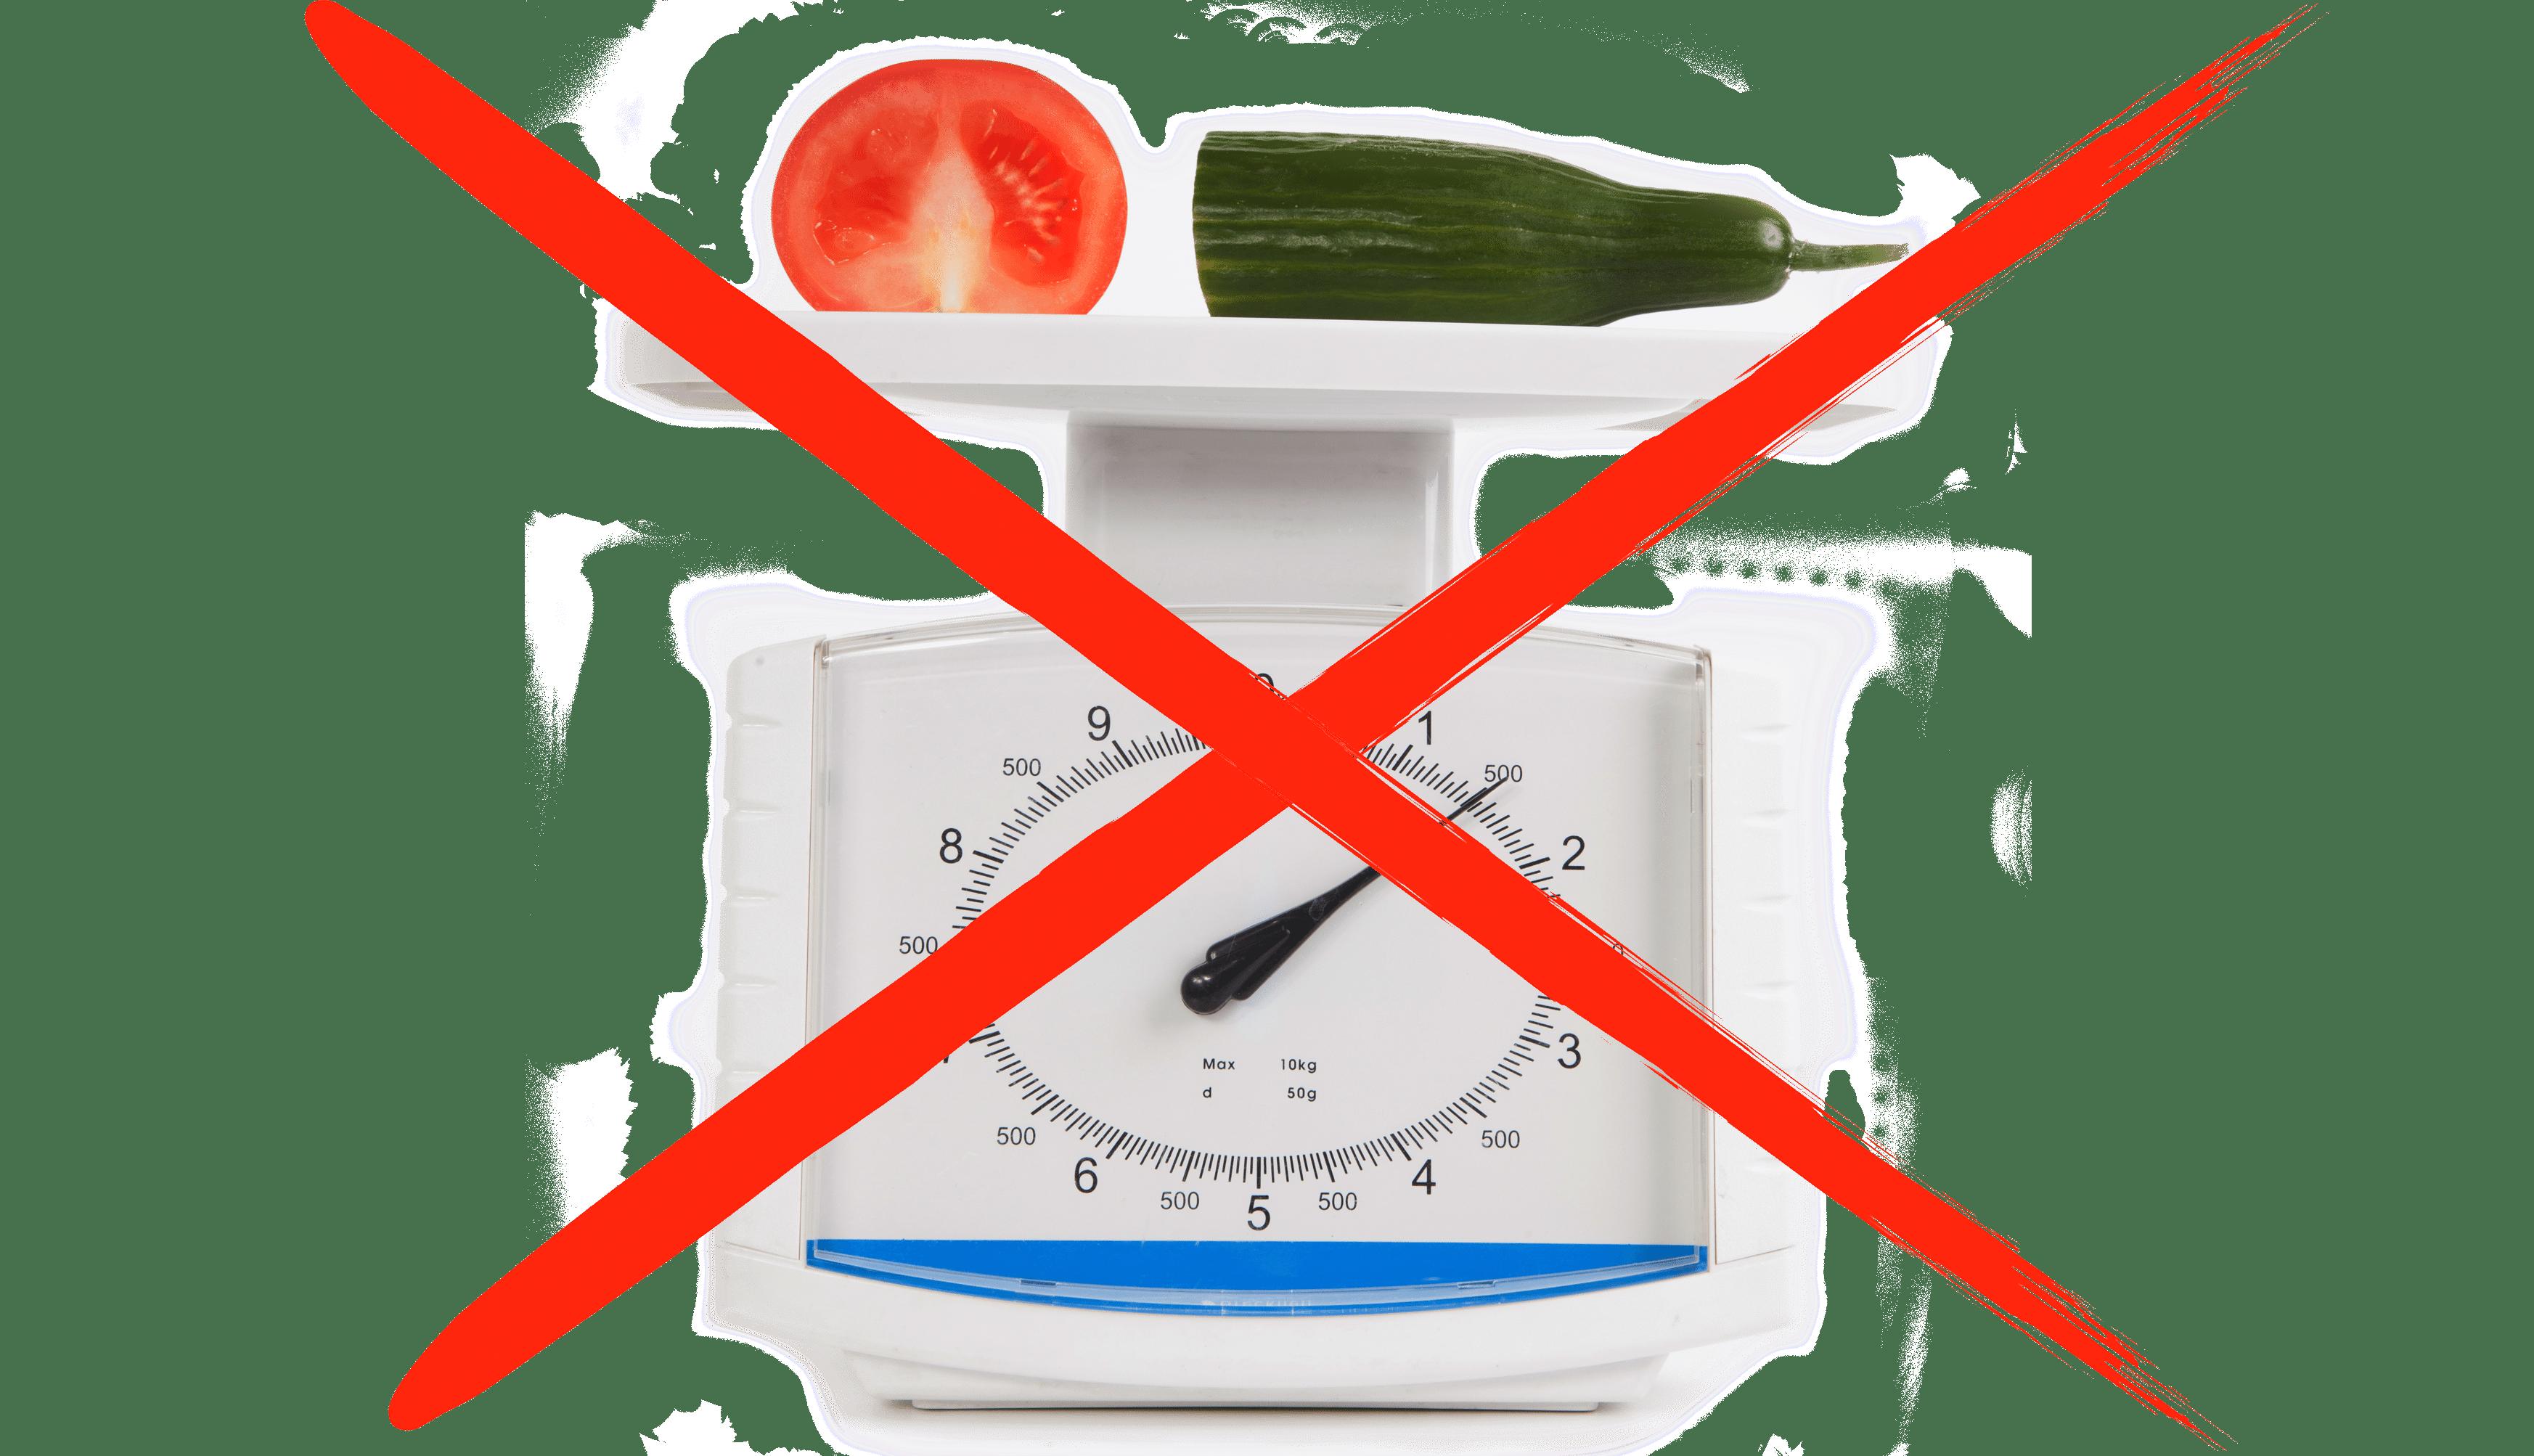 No calorie restrictions